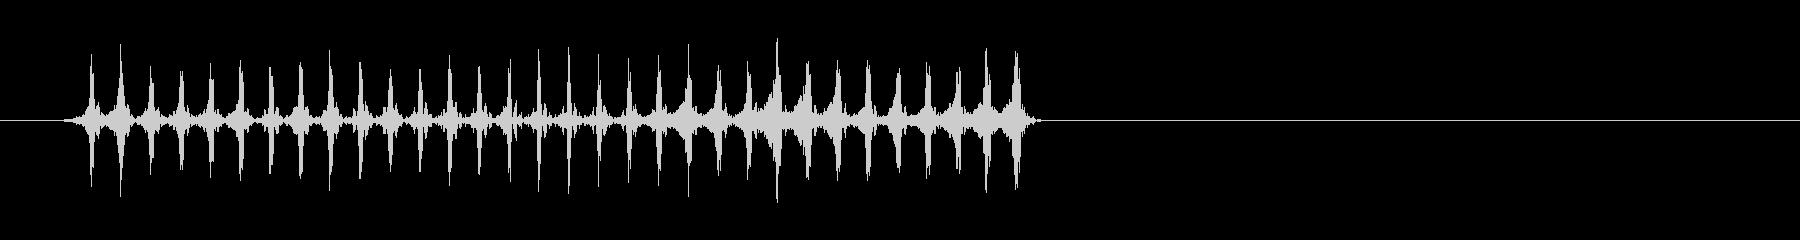 ステレオシフト、武器スペースレーザ...の未再生の波形